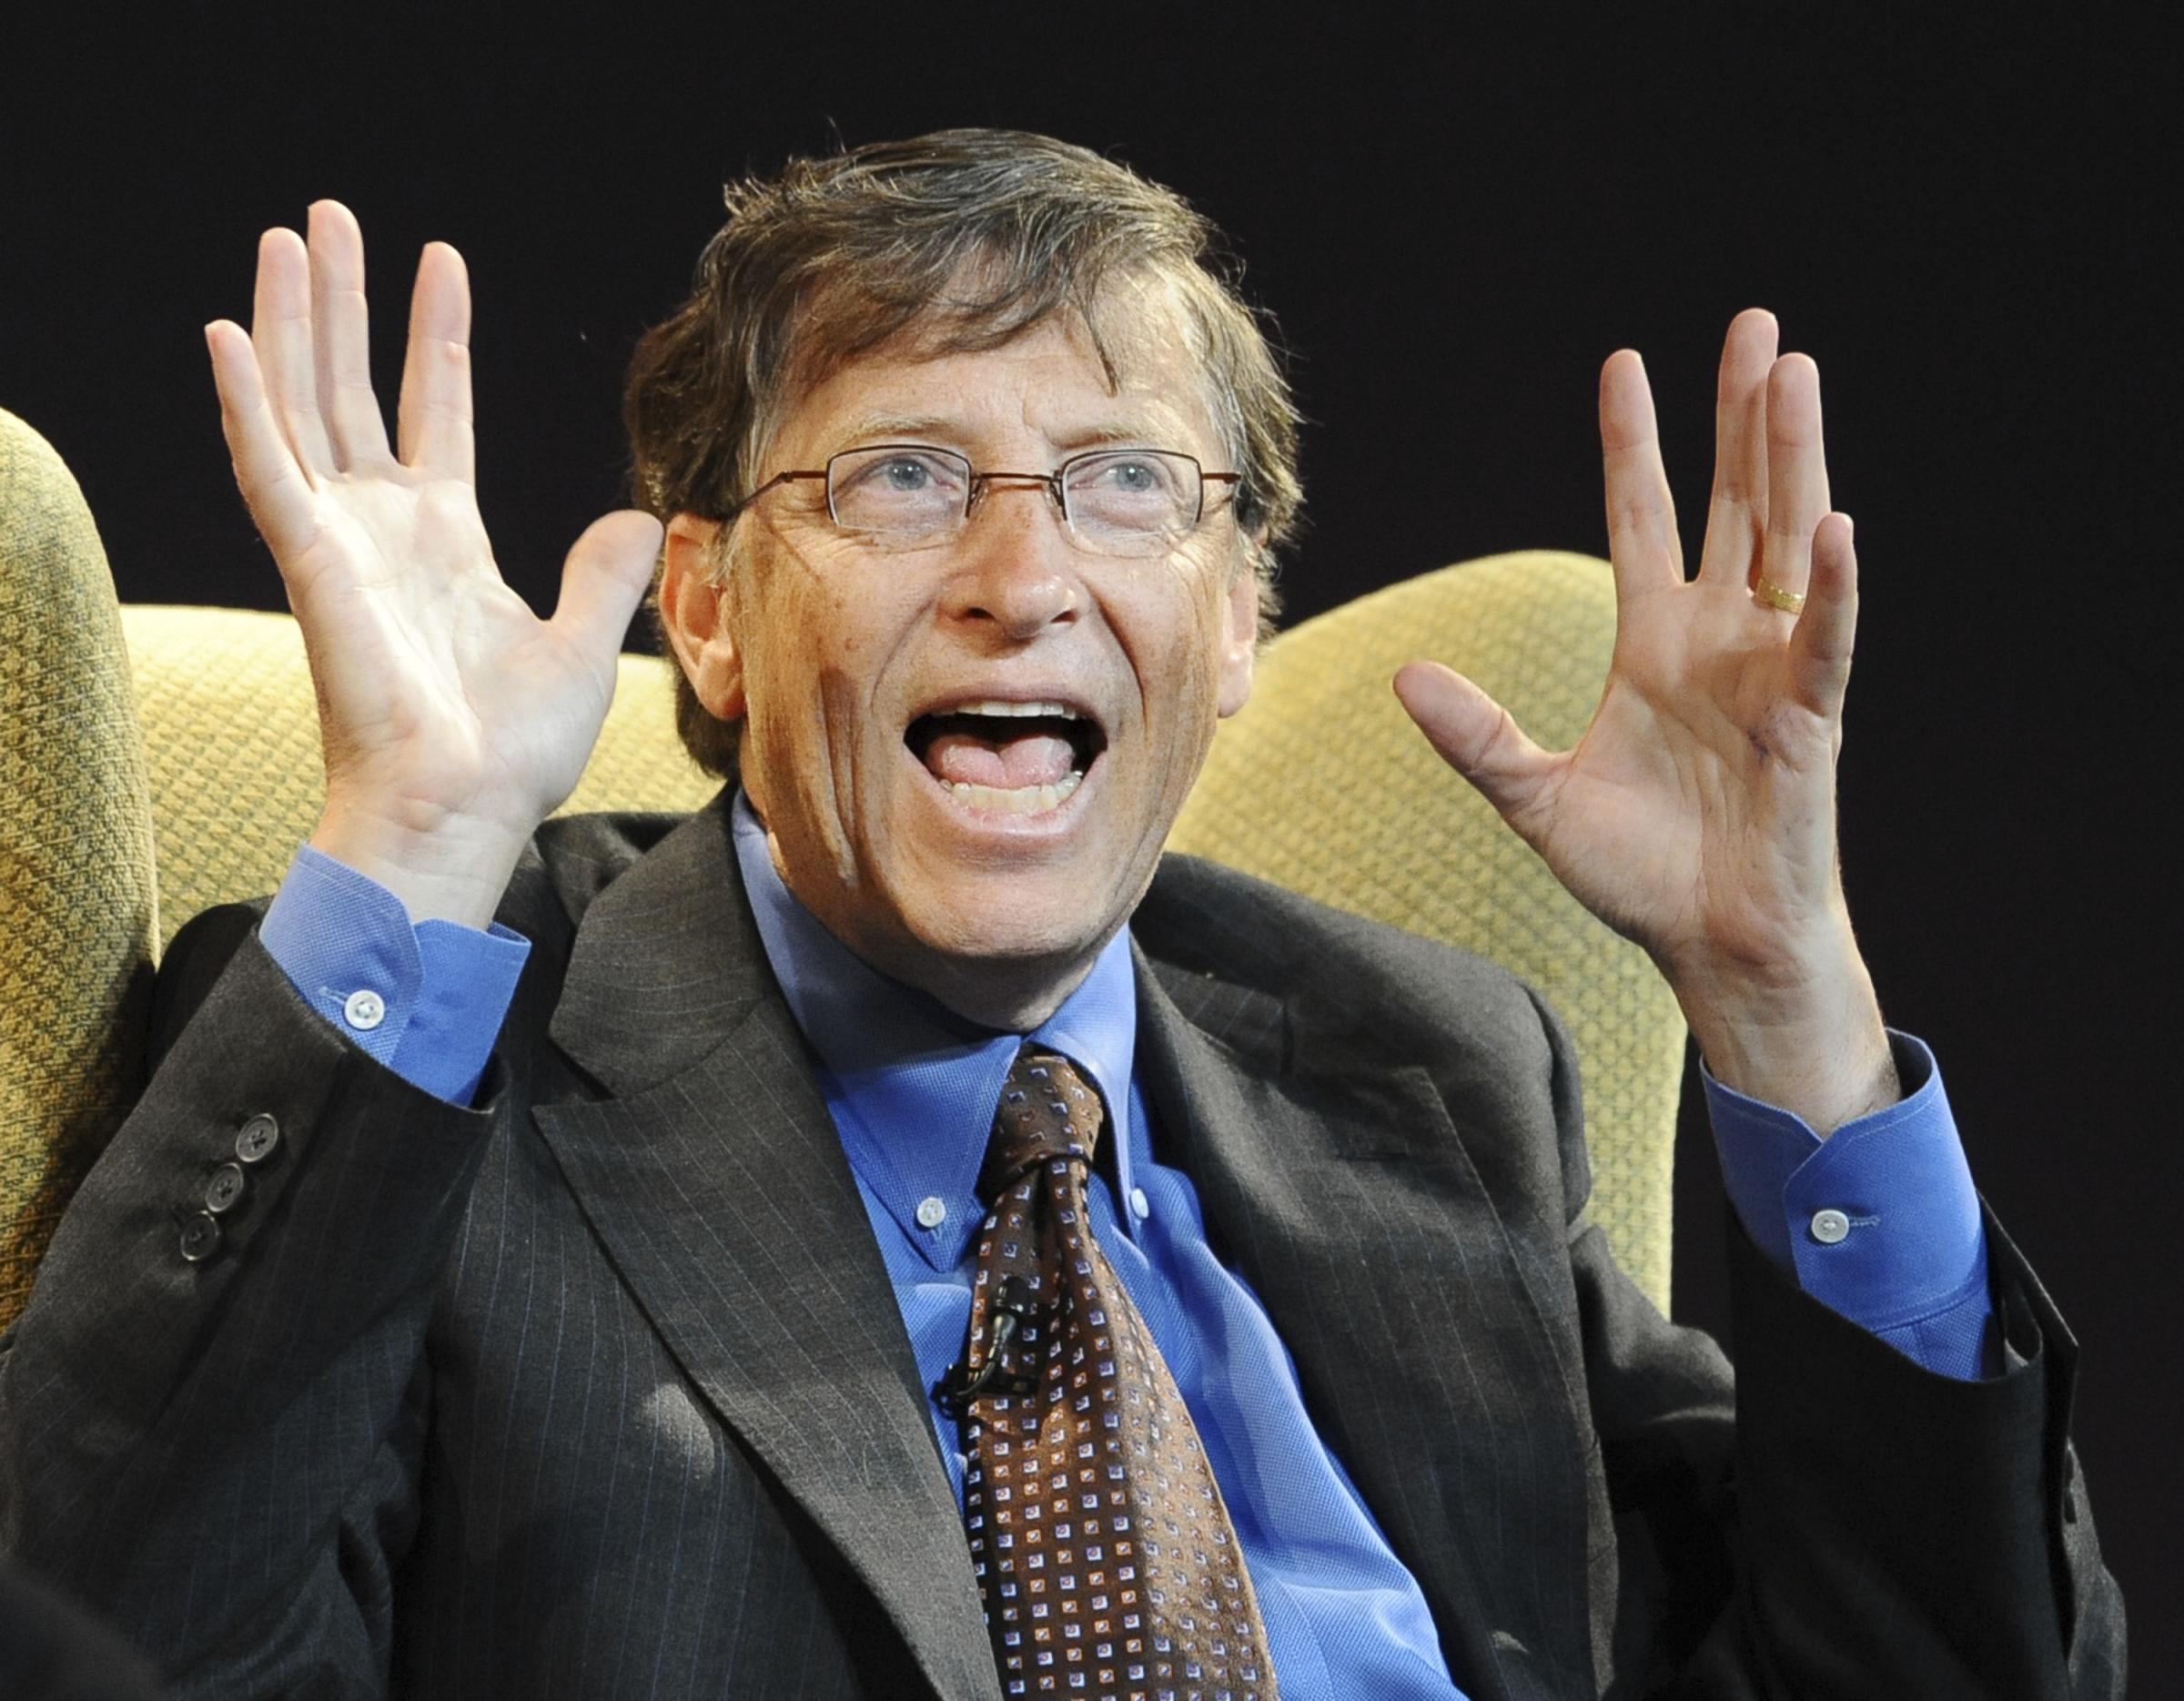 Bill Gates uomo piu ricco al mondo